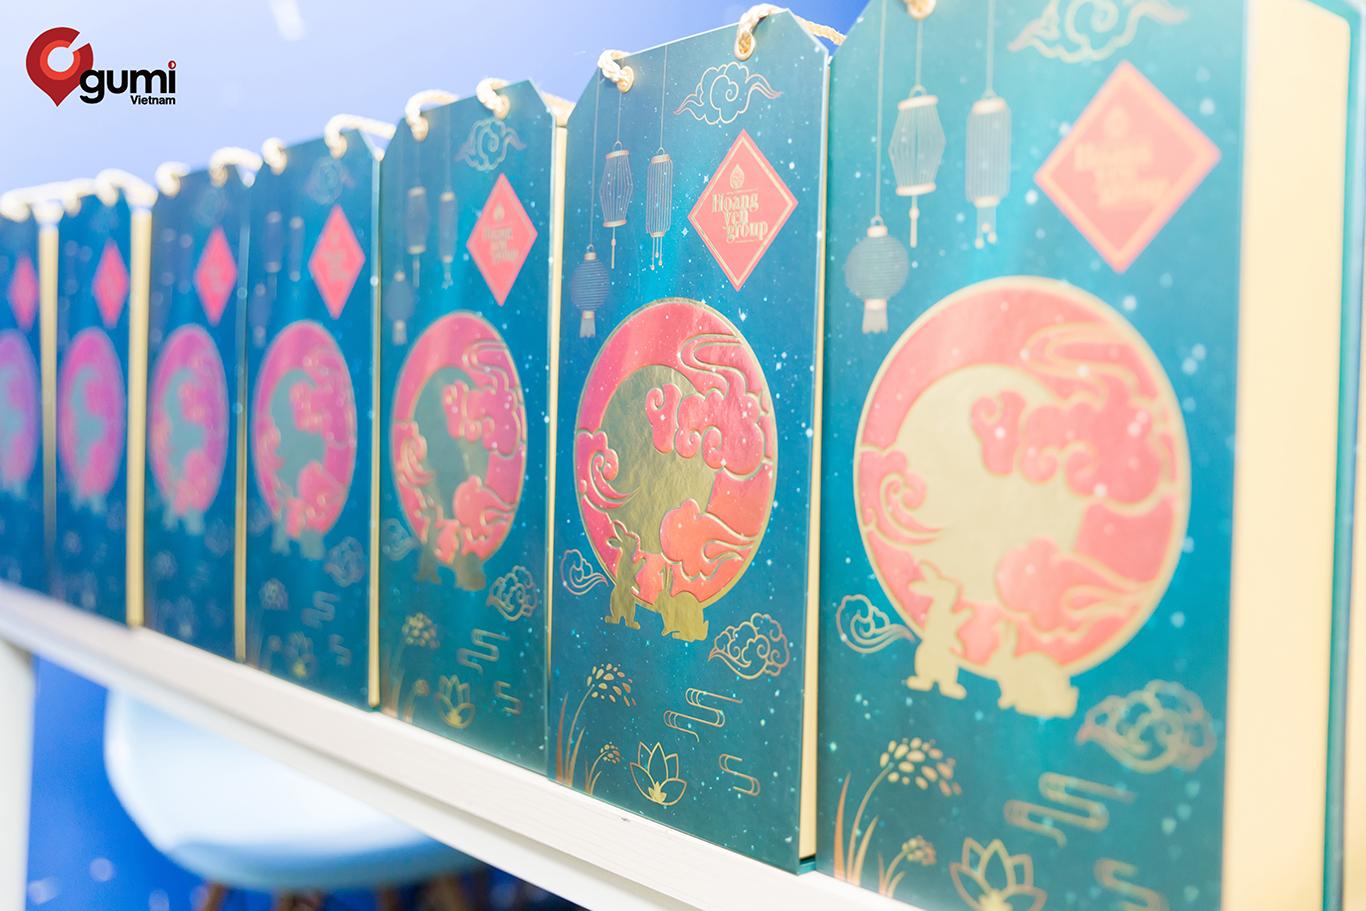 Phần quà ý nghĩa dành cho các bạn thực tập sinh tại gumi Vietnam.